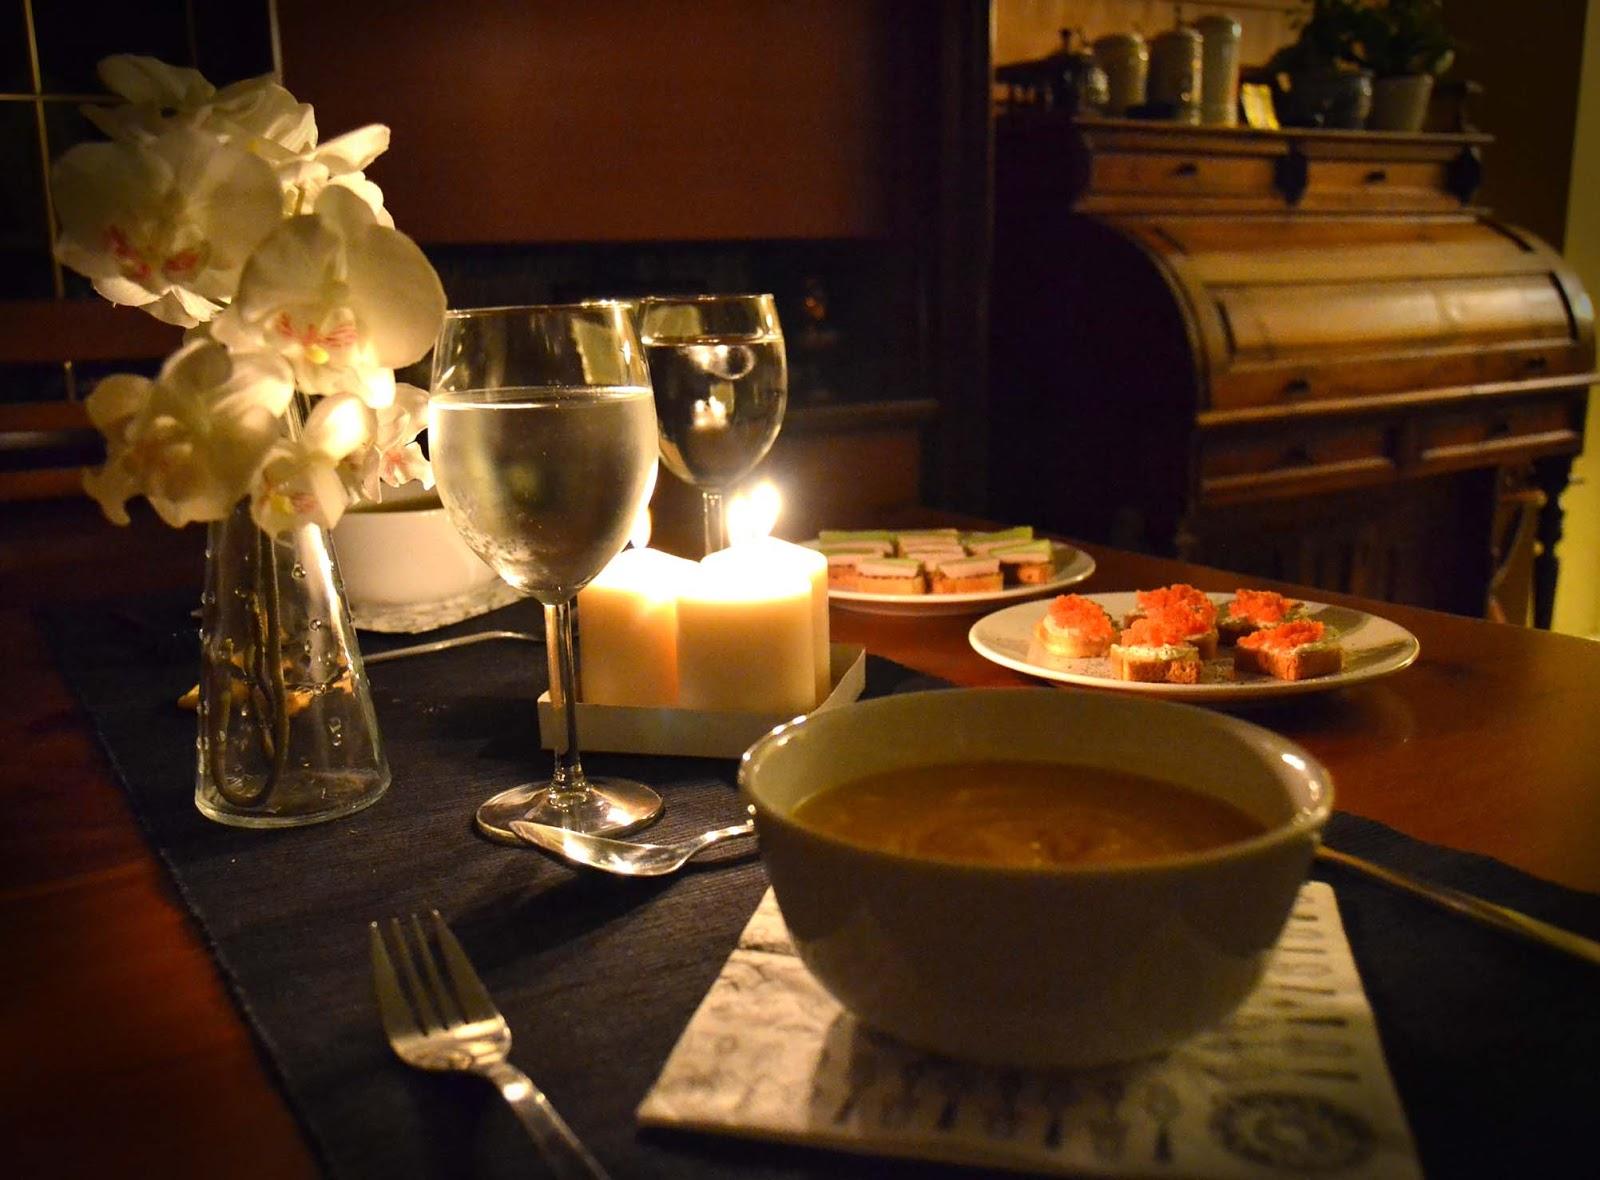 Simplyfiesta ideas f ciles para peque as fiestas cena - Cenas sencillas para sorprender ...